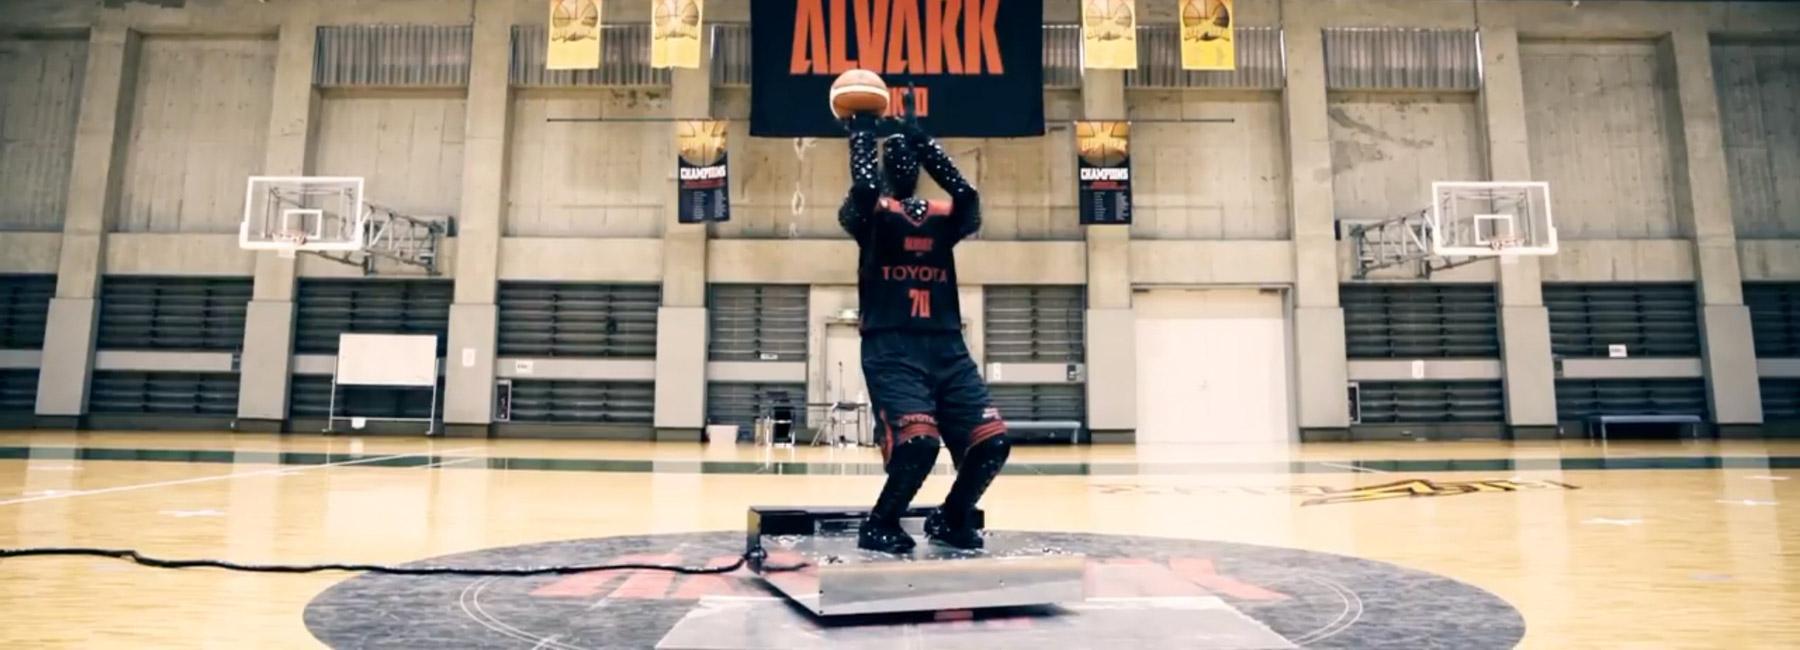 ilk basketbolcu robot örneği